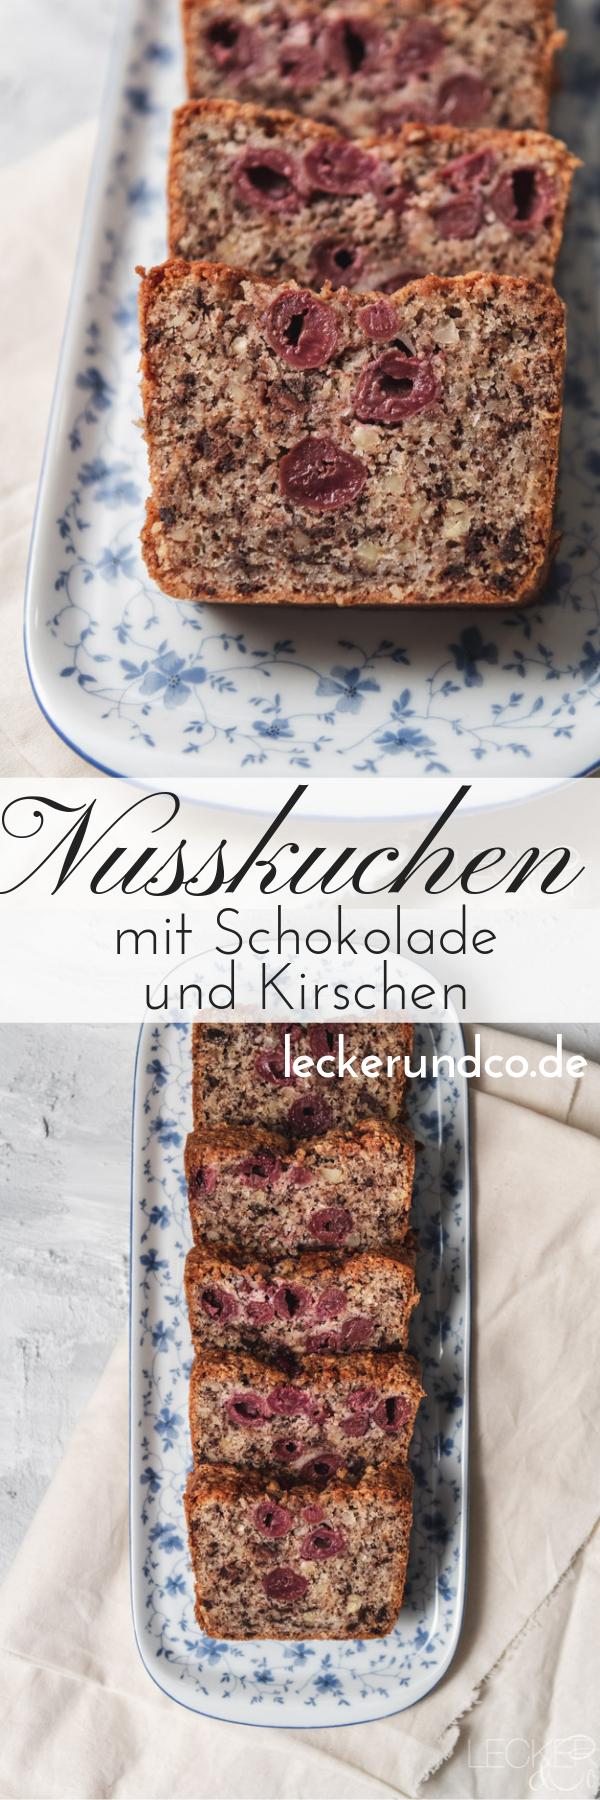 Nusskuchen mit Schokolade und Kirschen #kochenundbacken